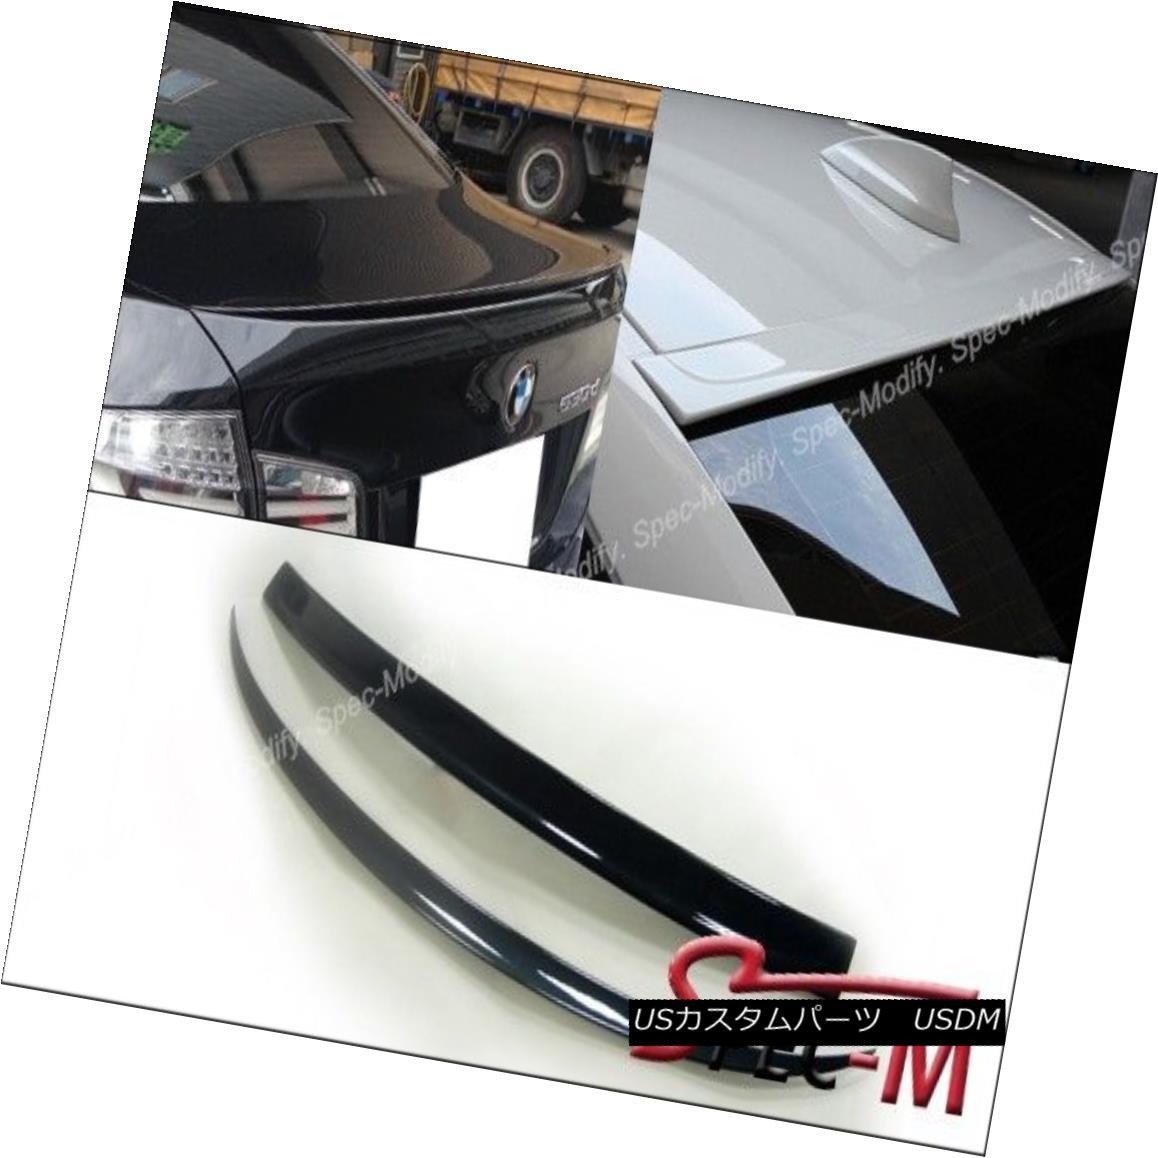 エアロパーツ Painted M5 Trunk Lip + 3D Roof Spoiler For BMW 2011+ F10 528i 535i 550i Sedan ペイントされたM5トランクリップ+ 3DルーフスポイラーBMW 2011+ F10 528i 535i 550iセダン